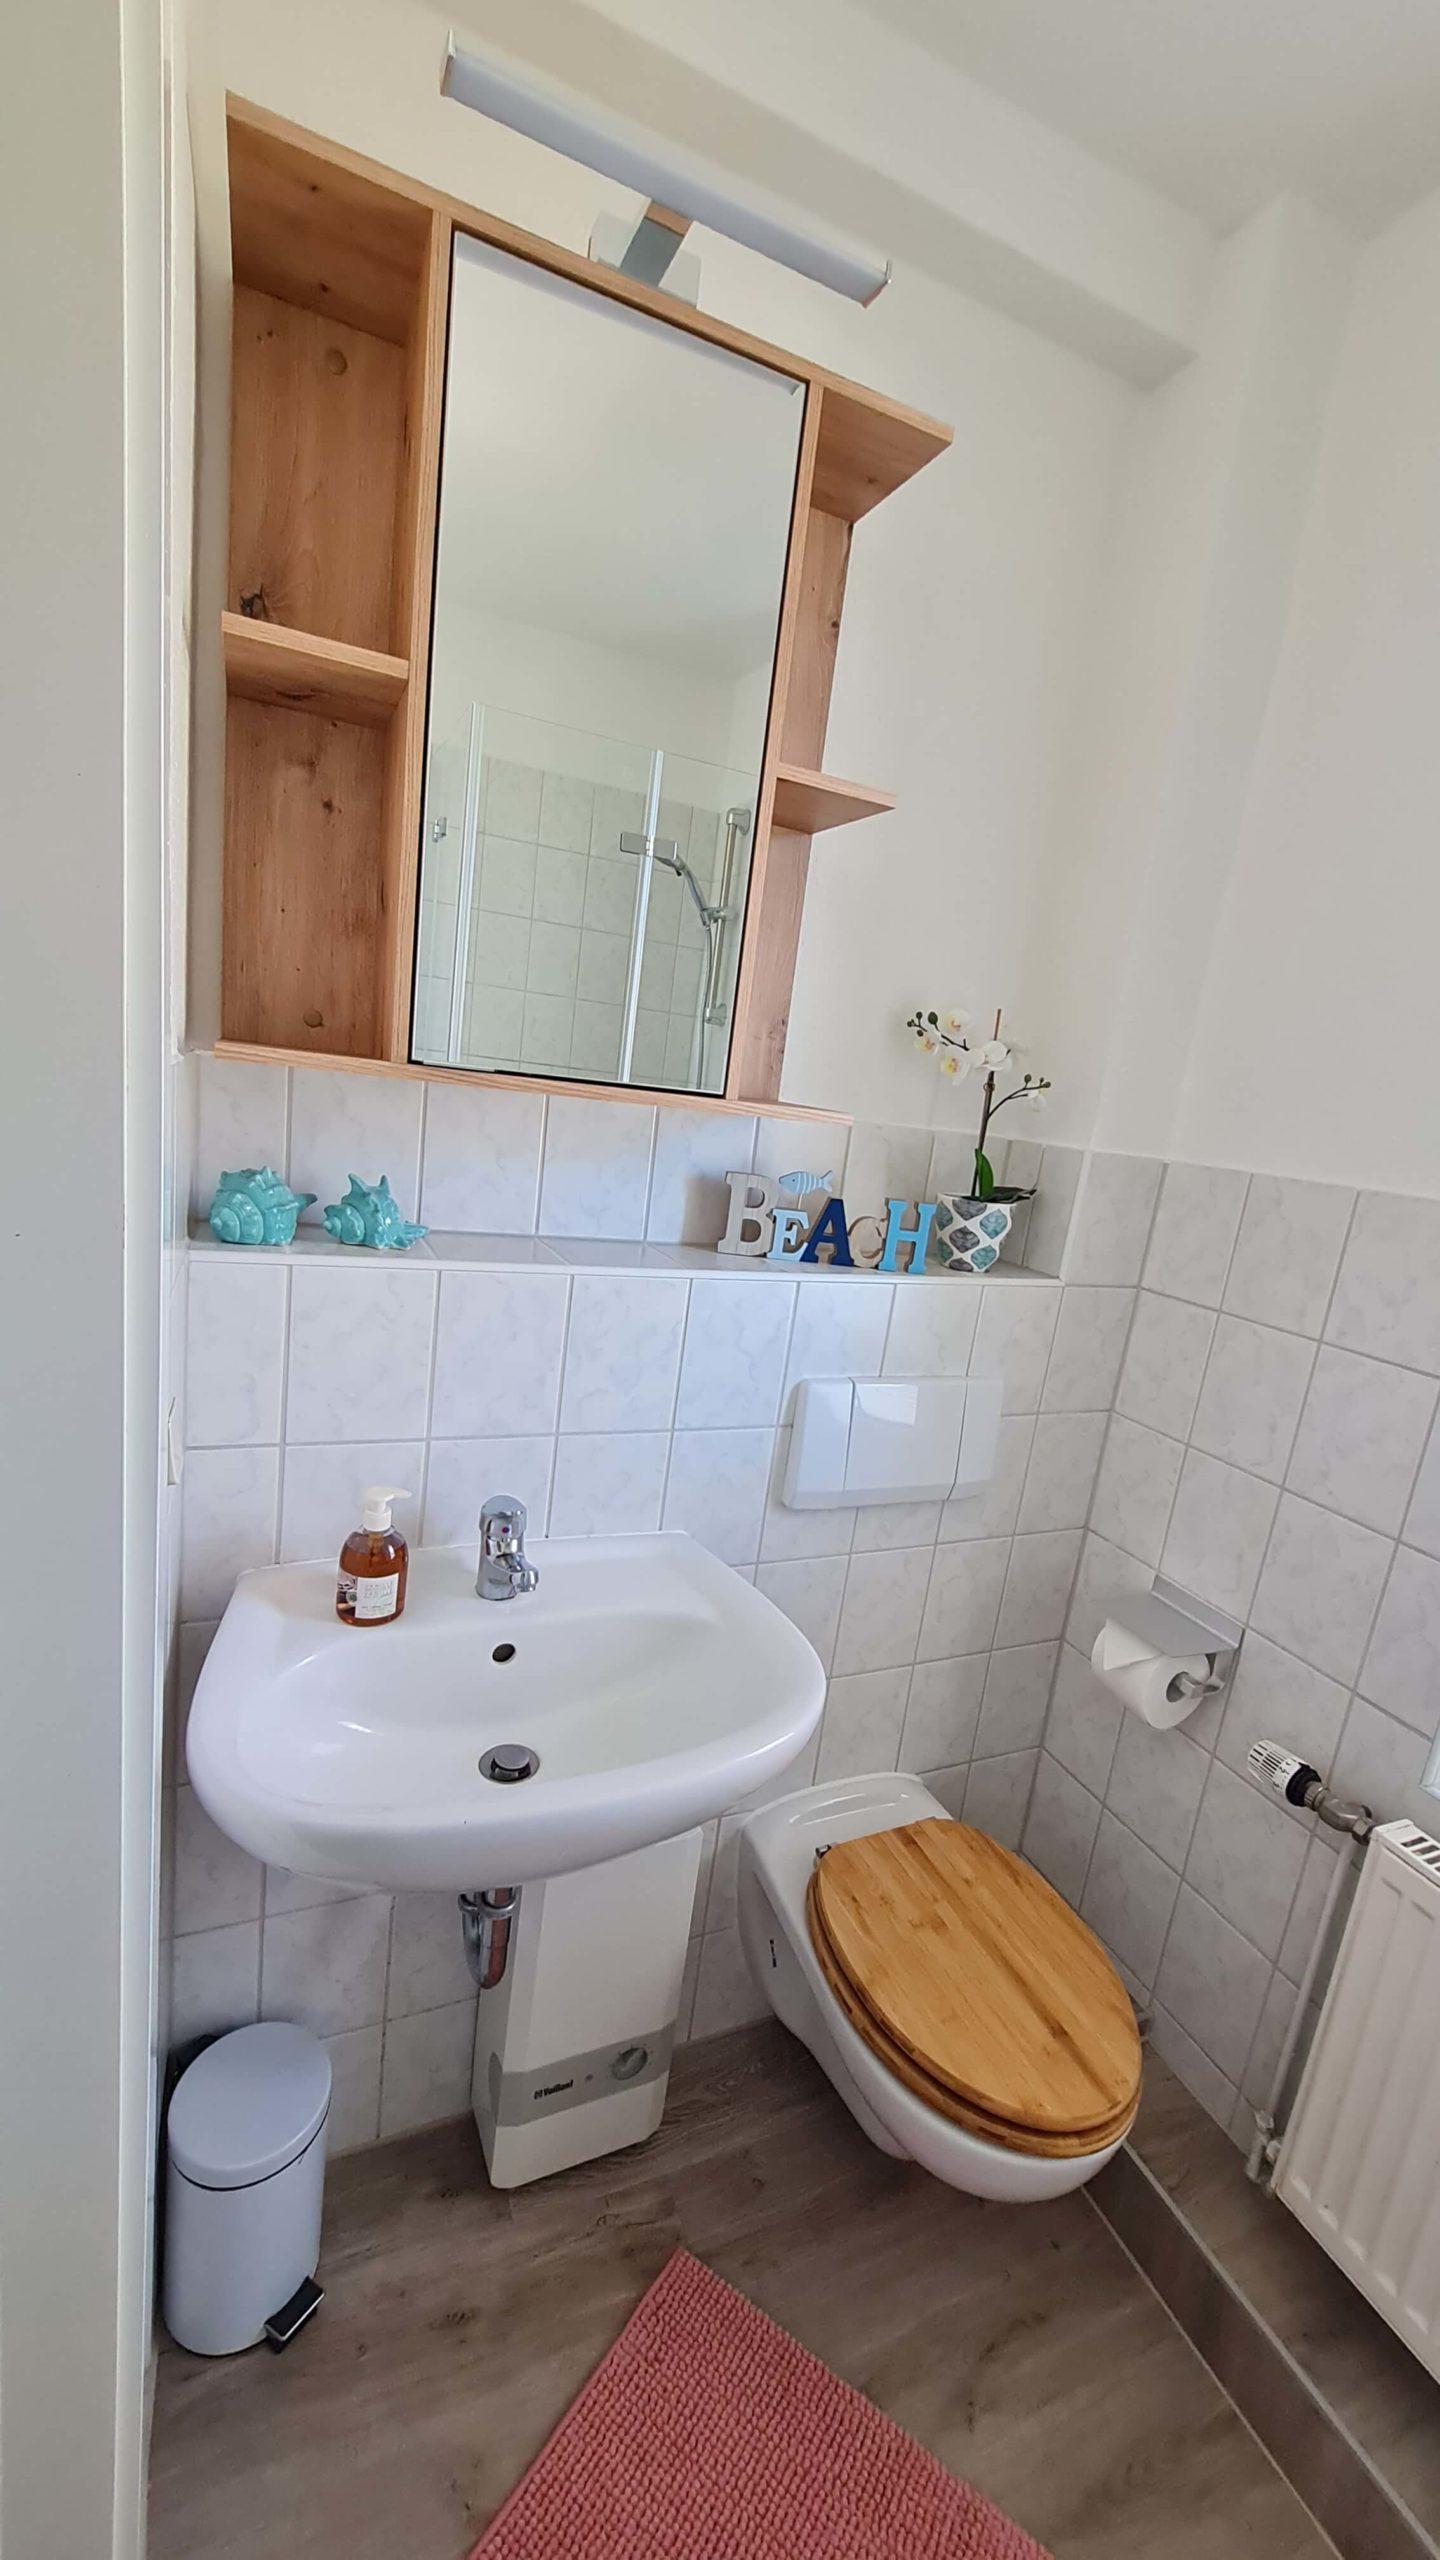 Ferienwohnung Rerik Kuschel Badezimmer 1